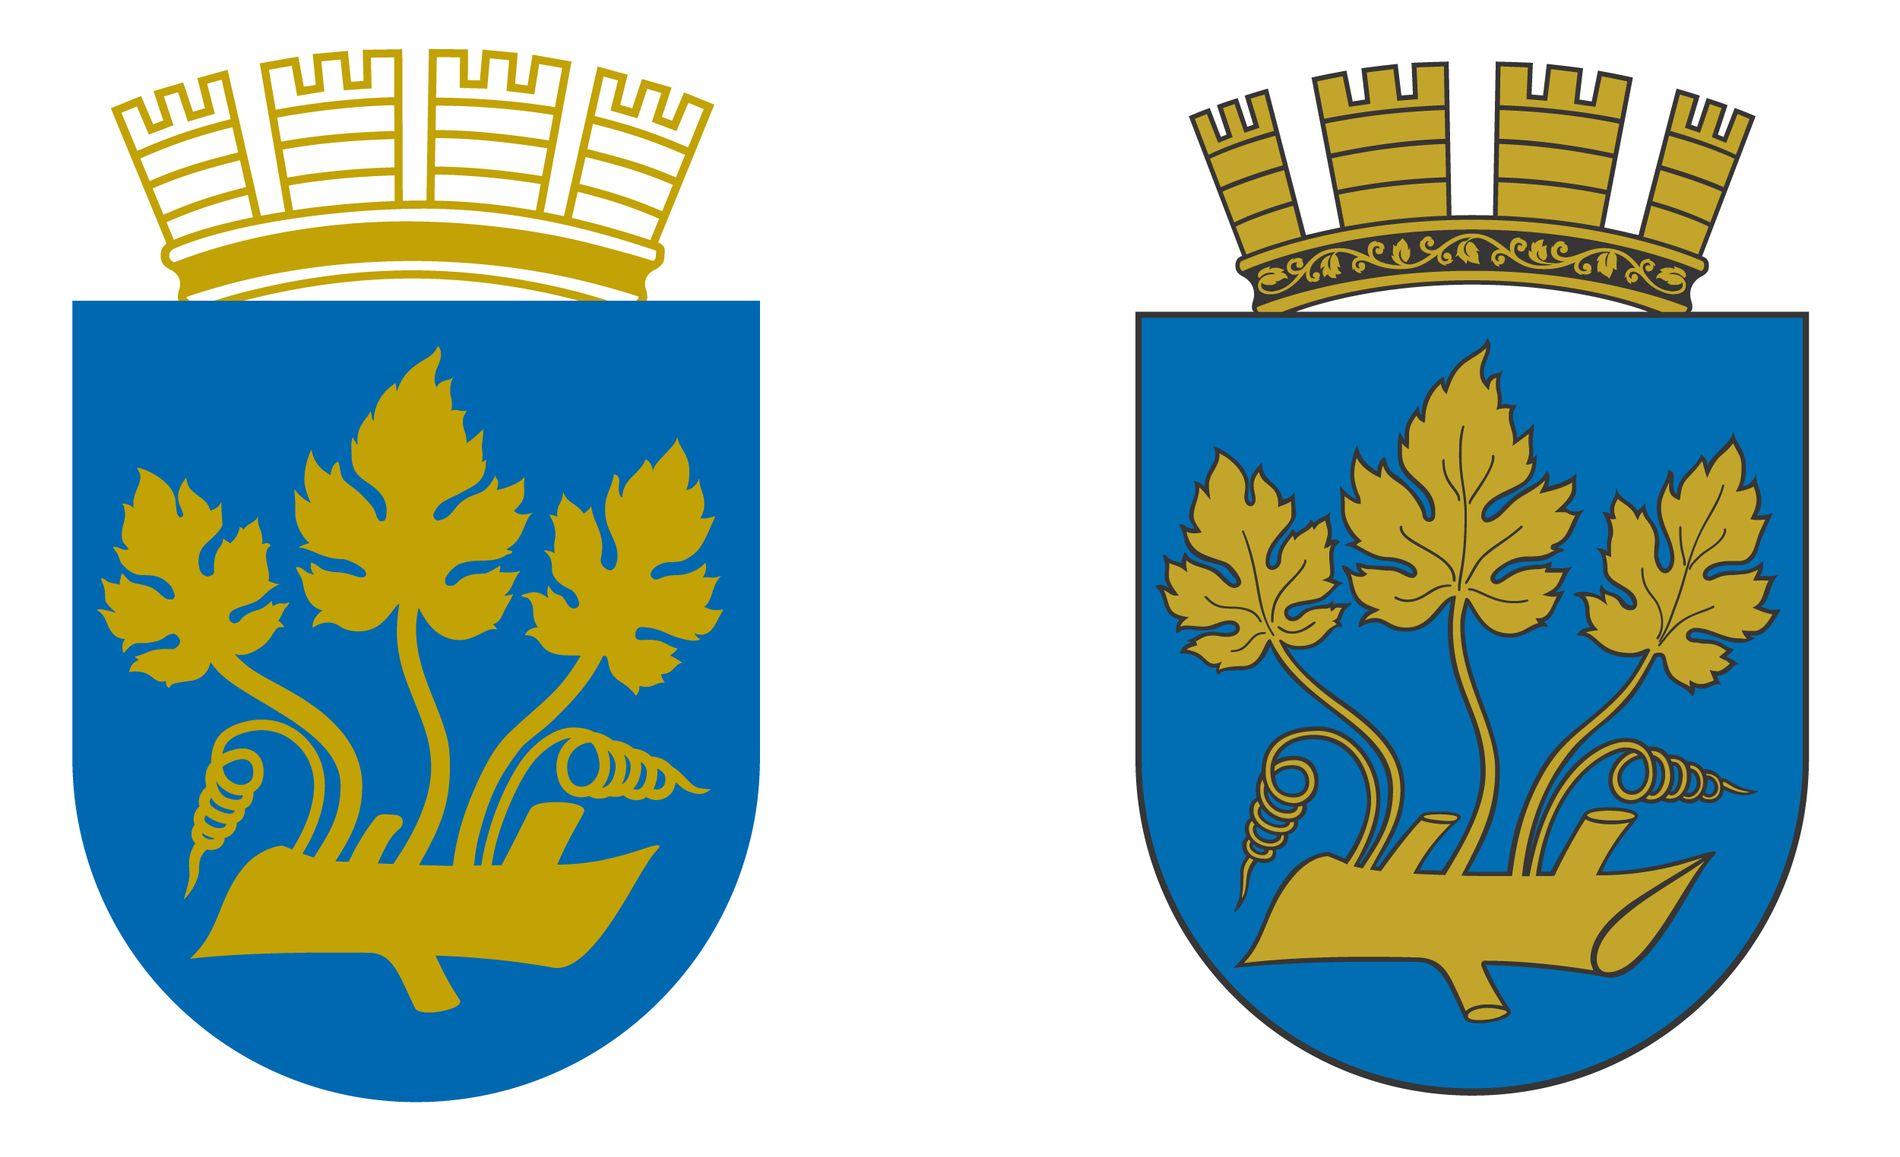 Stor Stahei Om Nytt Kommunevapen I Stavanger